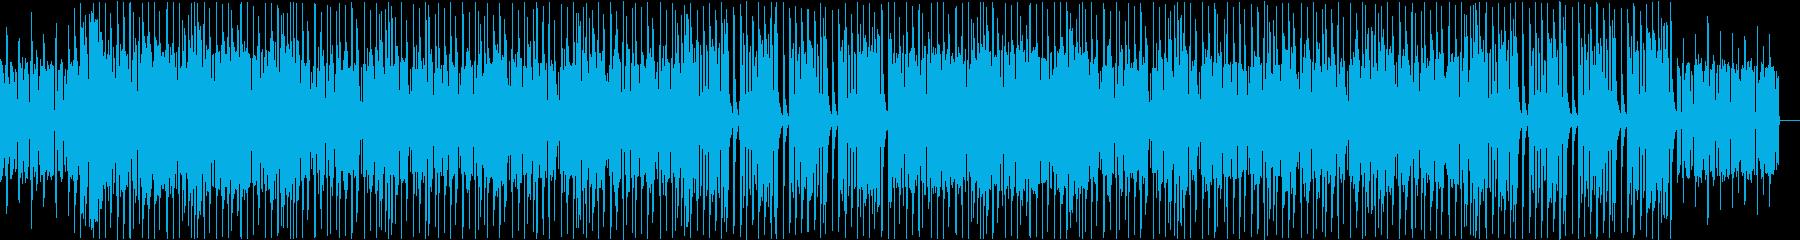 謎解き・パズル・推理・クイズの再生済みの波形